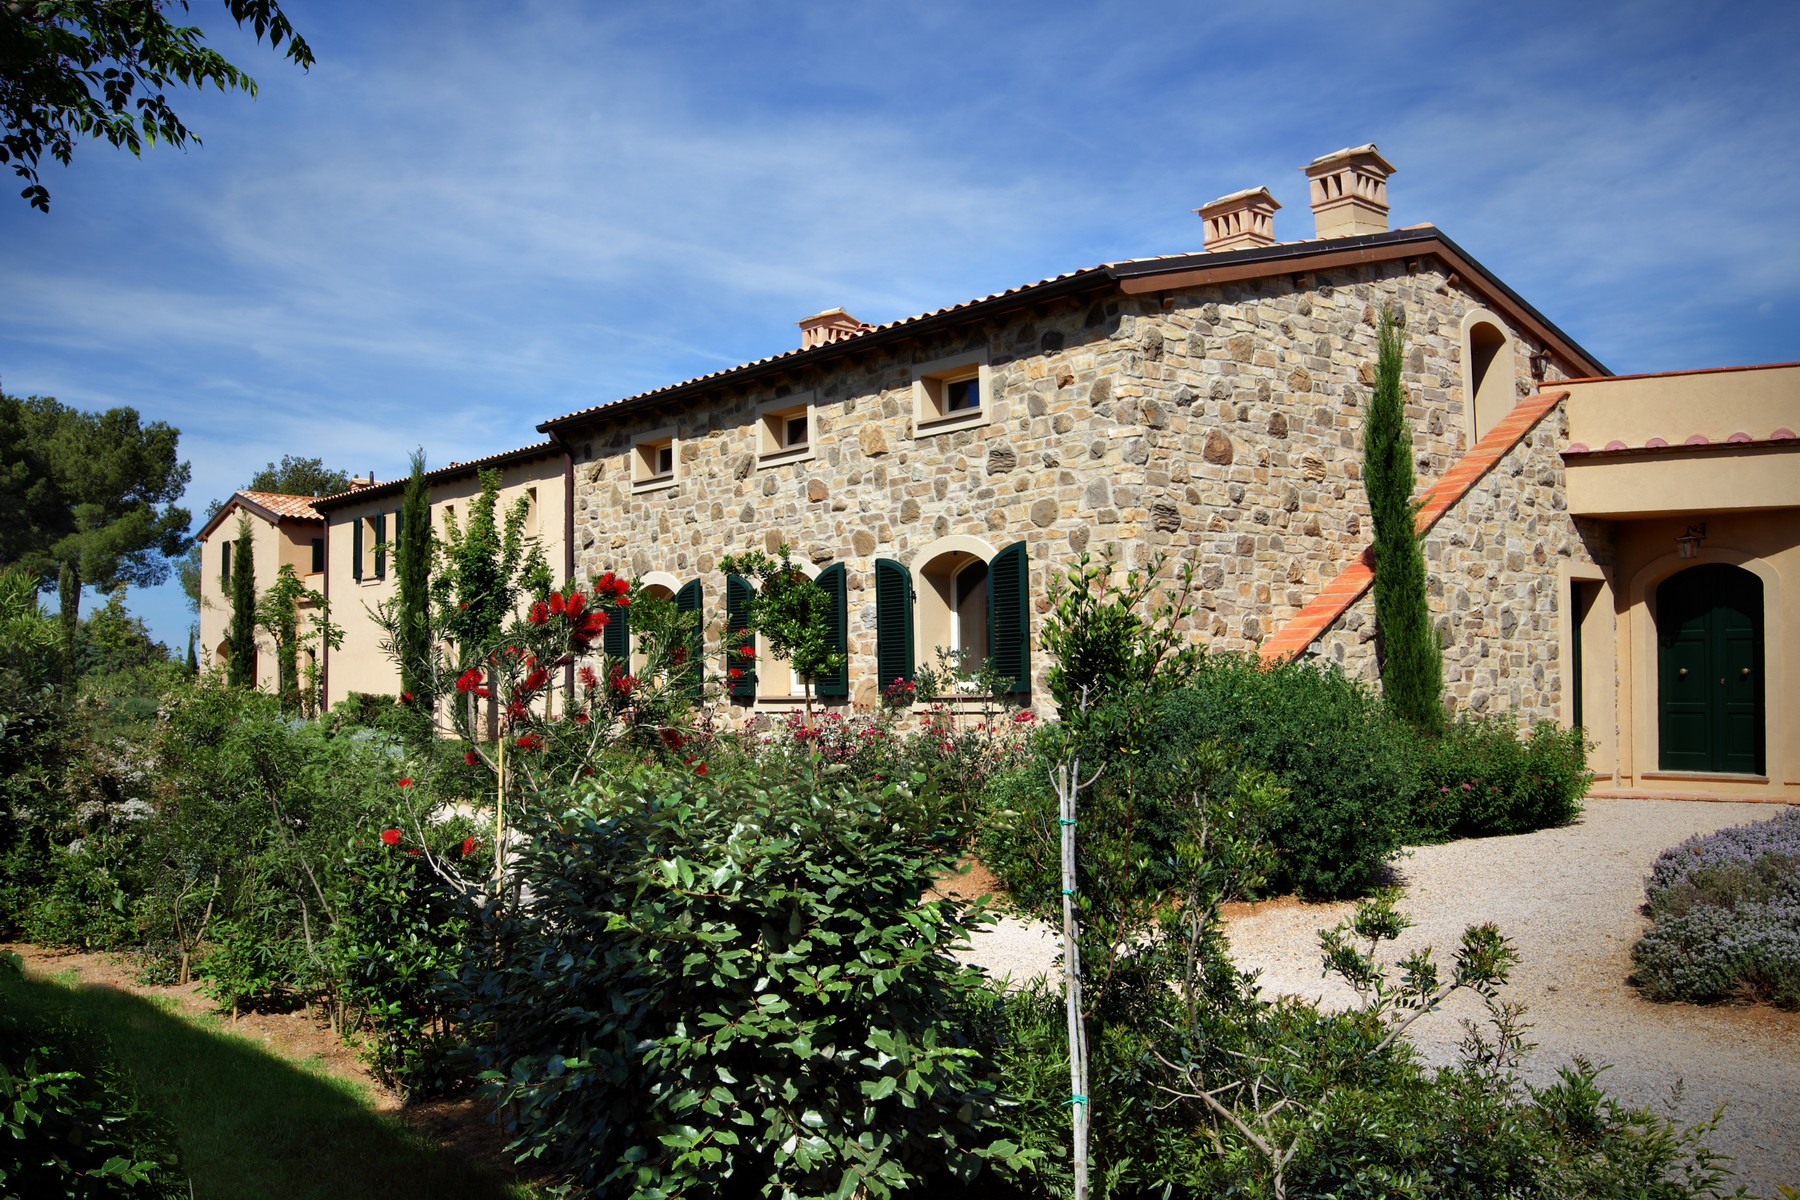 Appartamento in Vendita a Gavorrano: 4 locali, 149 mq